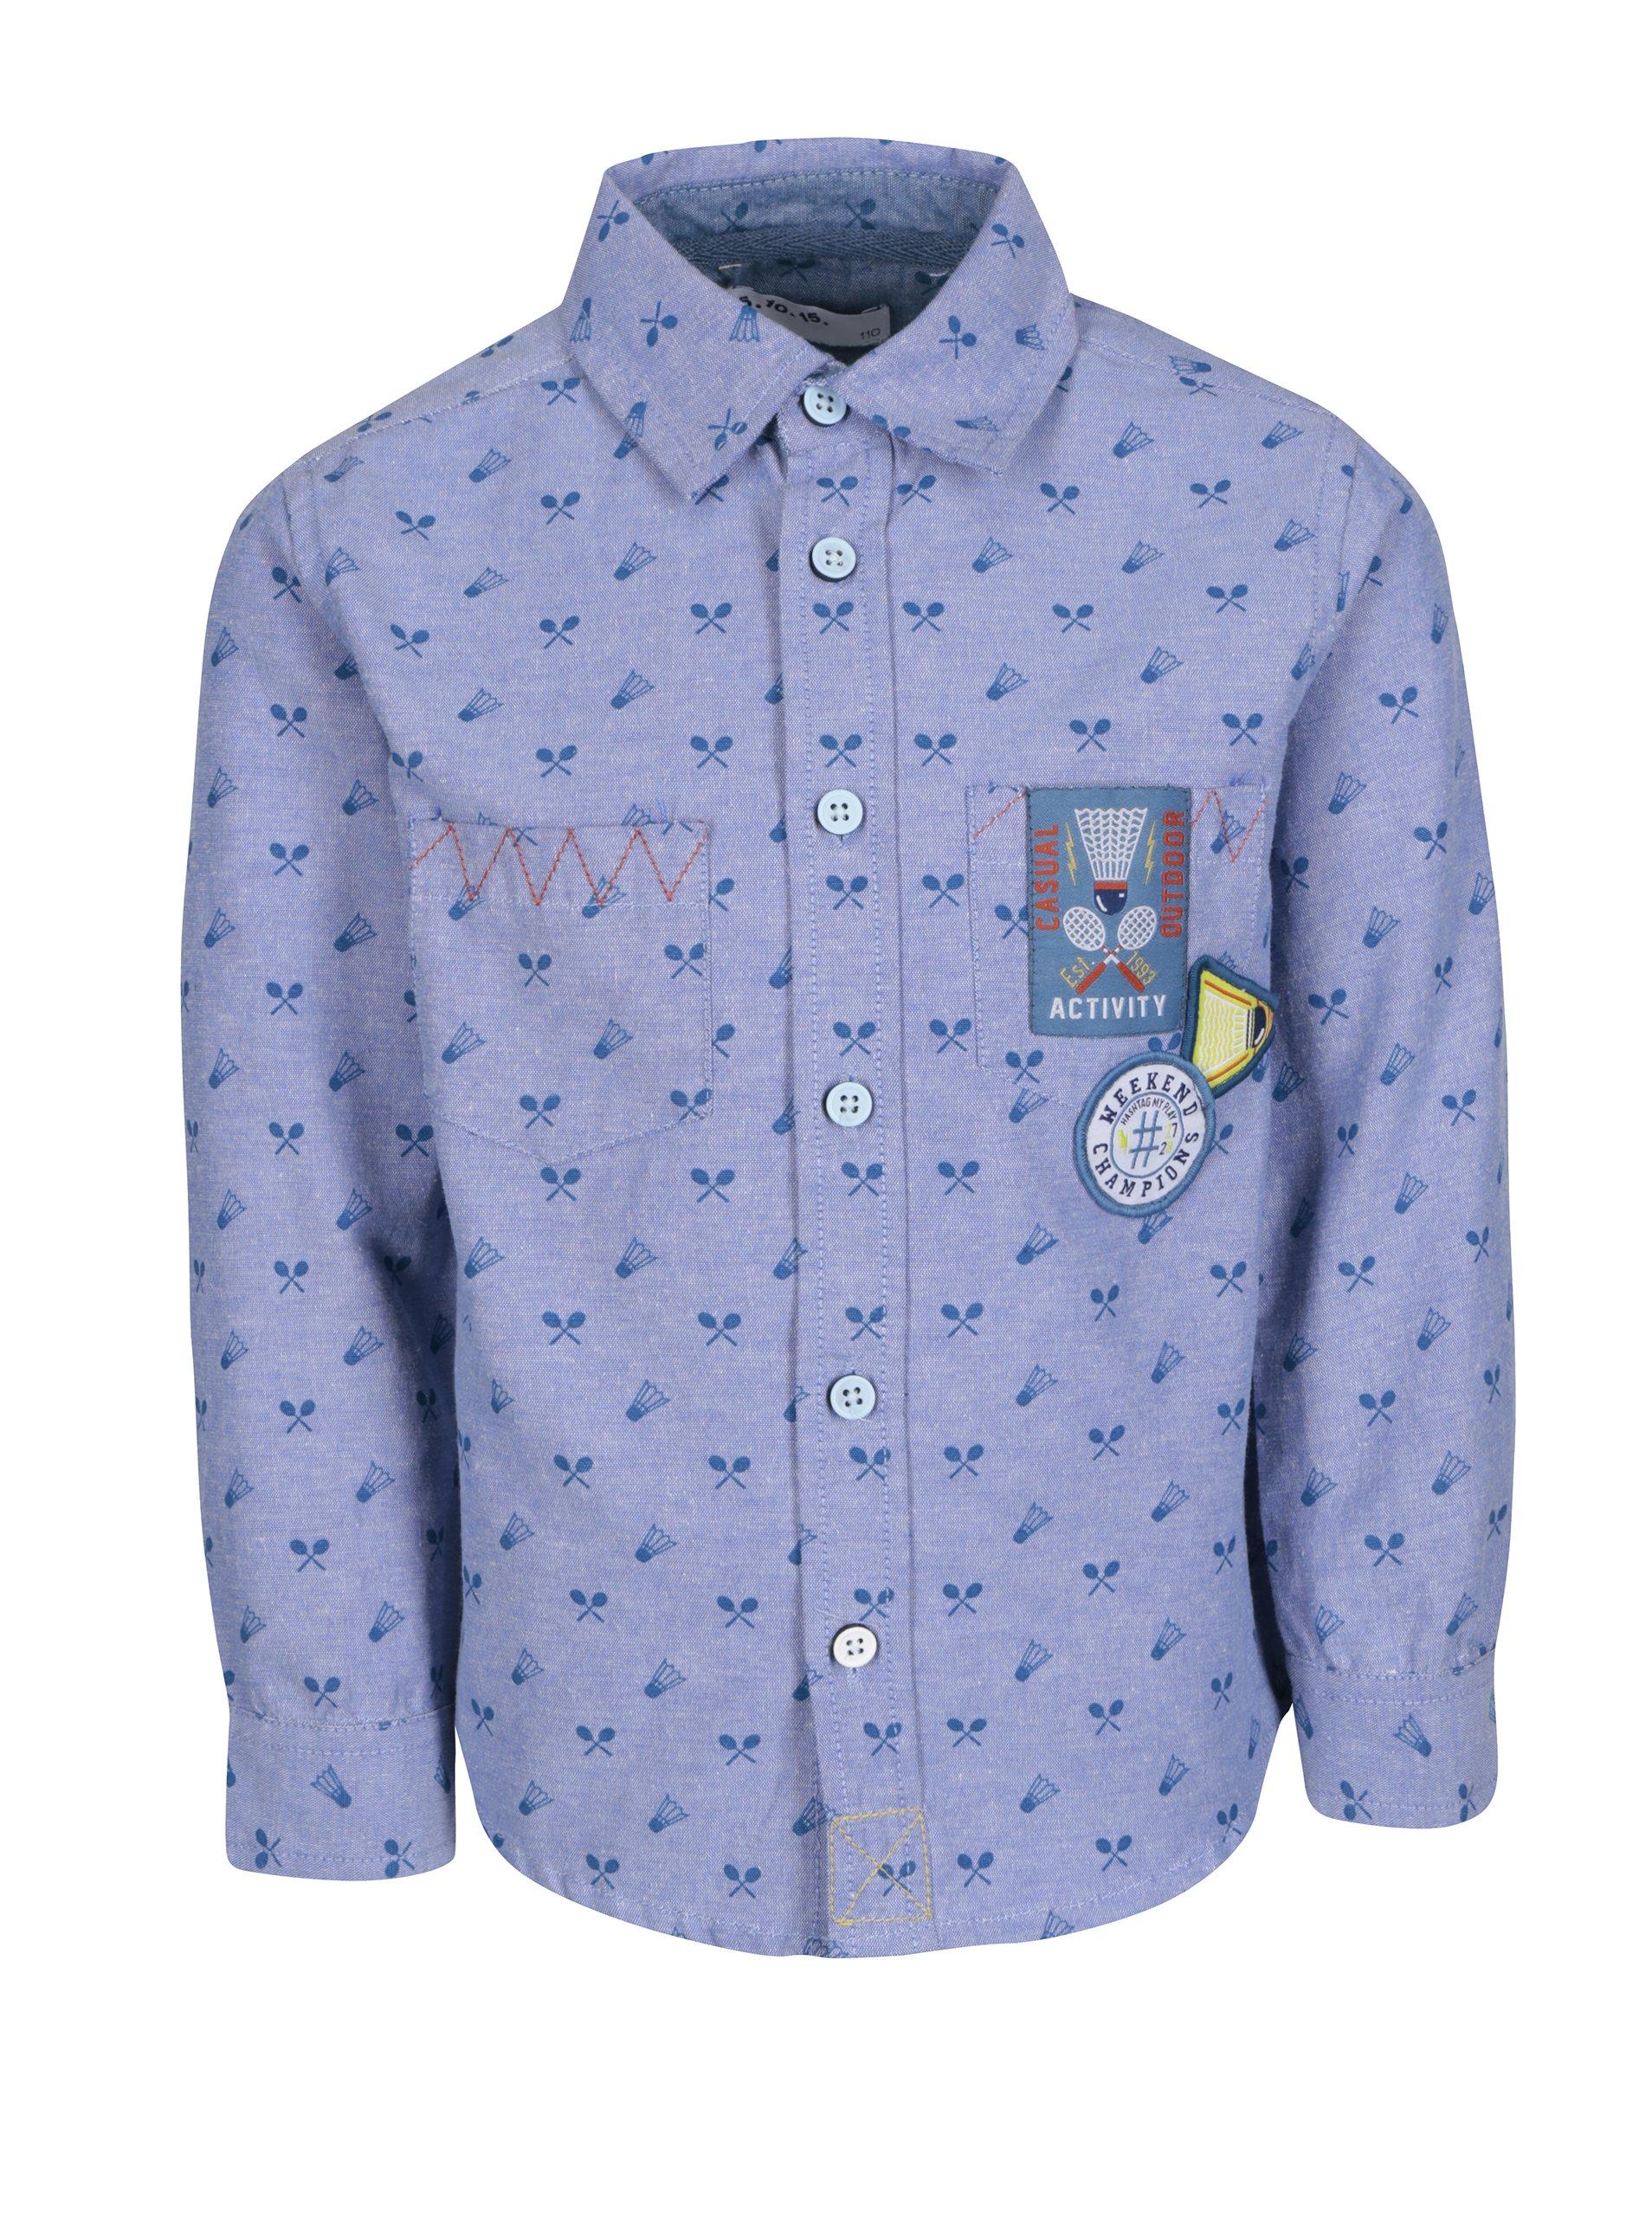 Svetlomodrá vzorovaná chlapčenská košeľa 5.10.15.